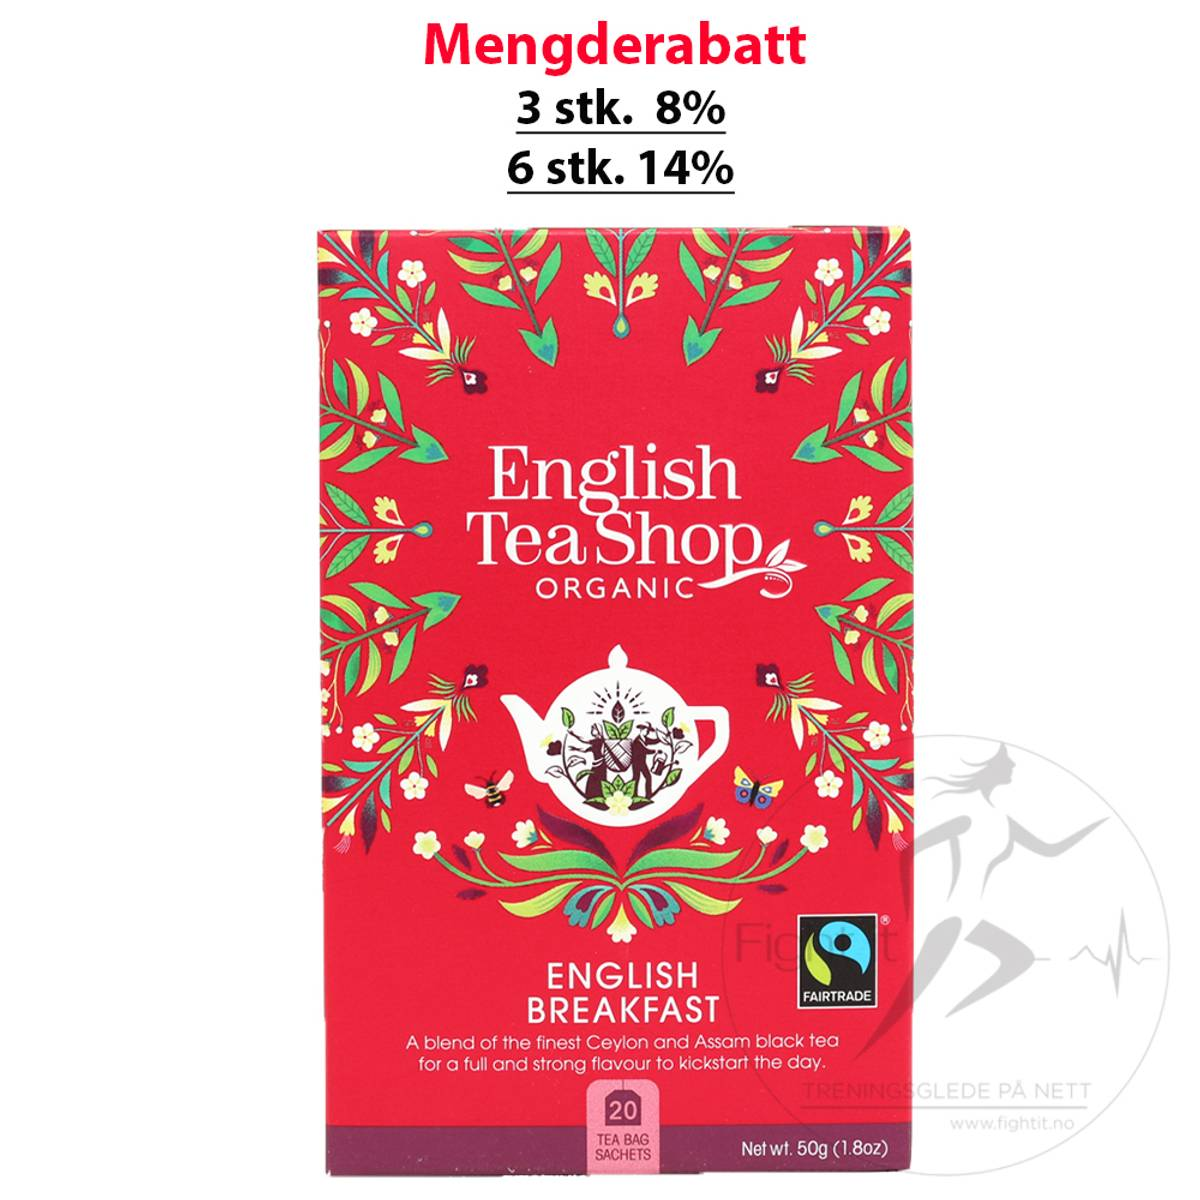 English Tea Shop - English Breakfast